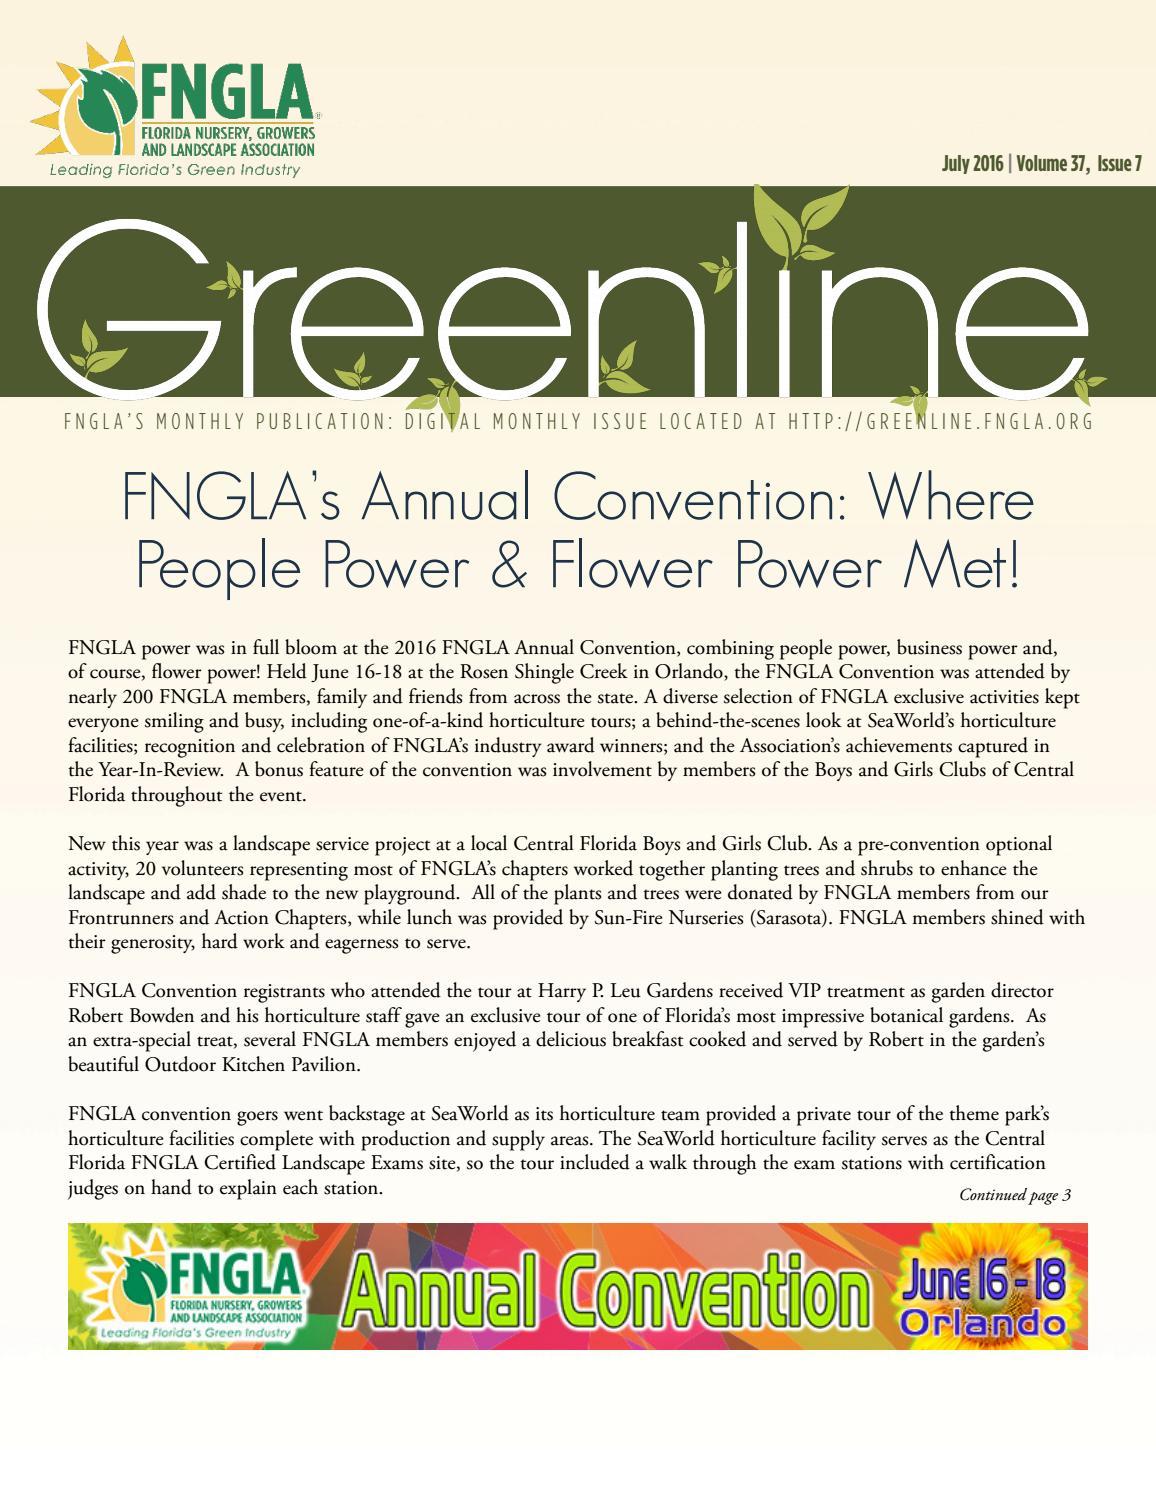 Fnglas July 2016 Greenline By Fngla Issuu